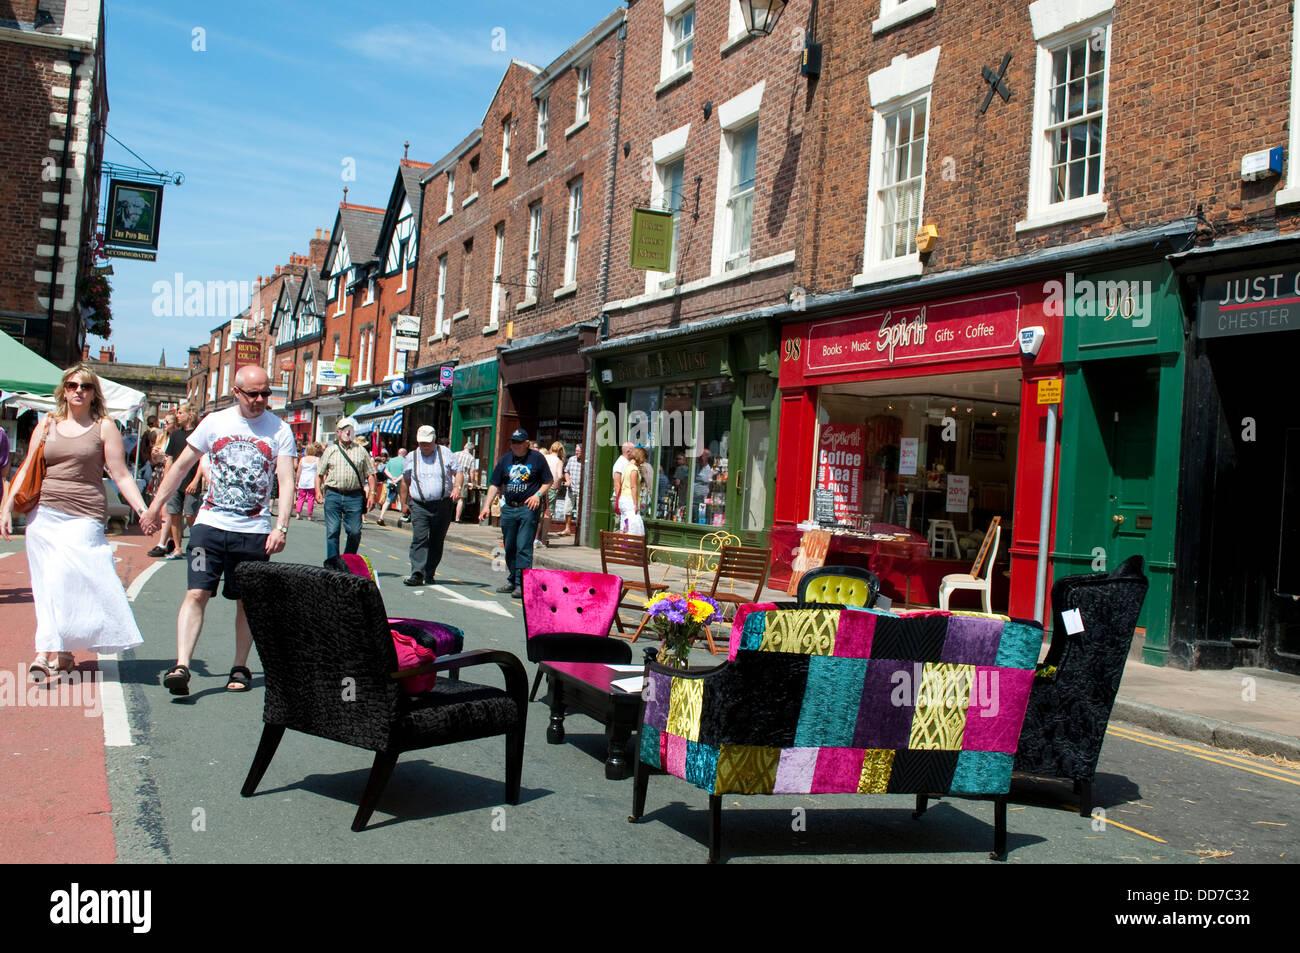 Mobili antichi, evento estivo, North Gate Street, Chester, Regno Unito Immagini Stock